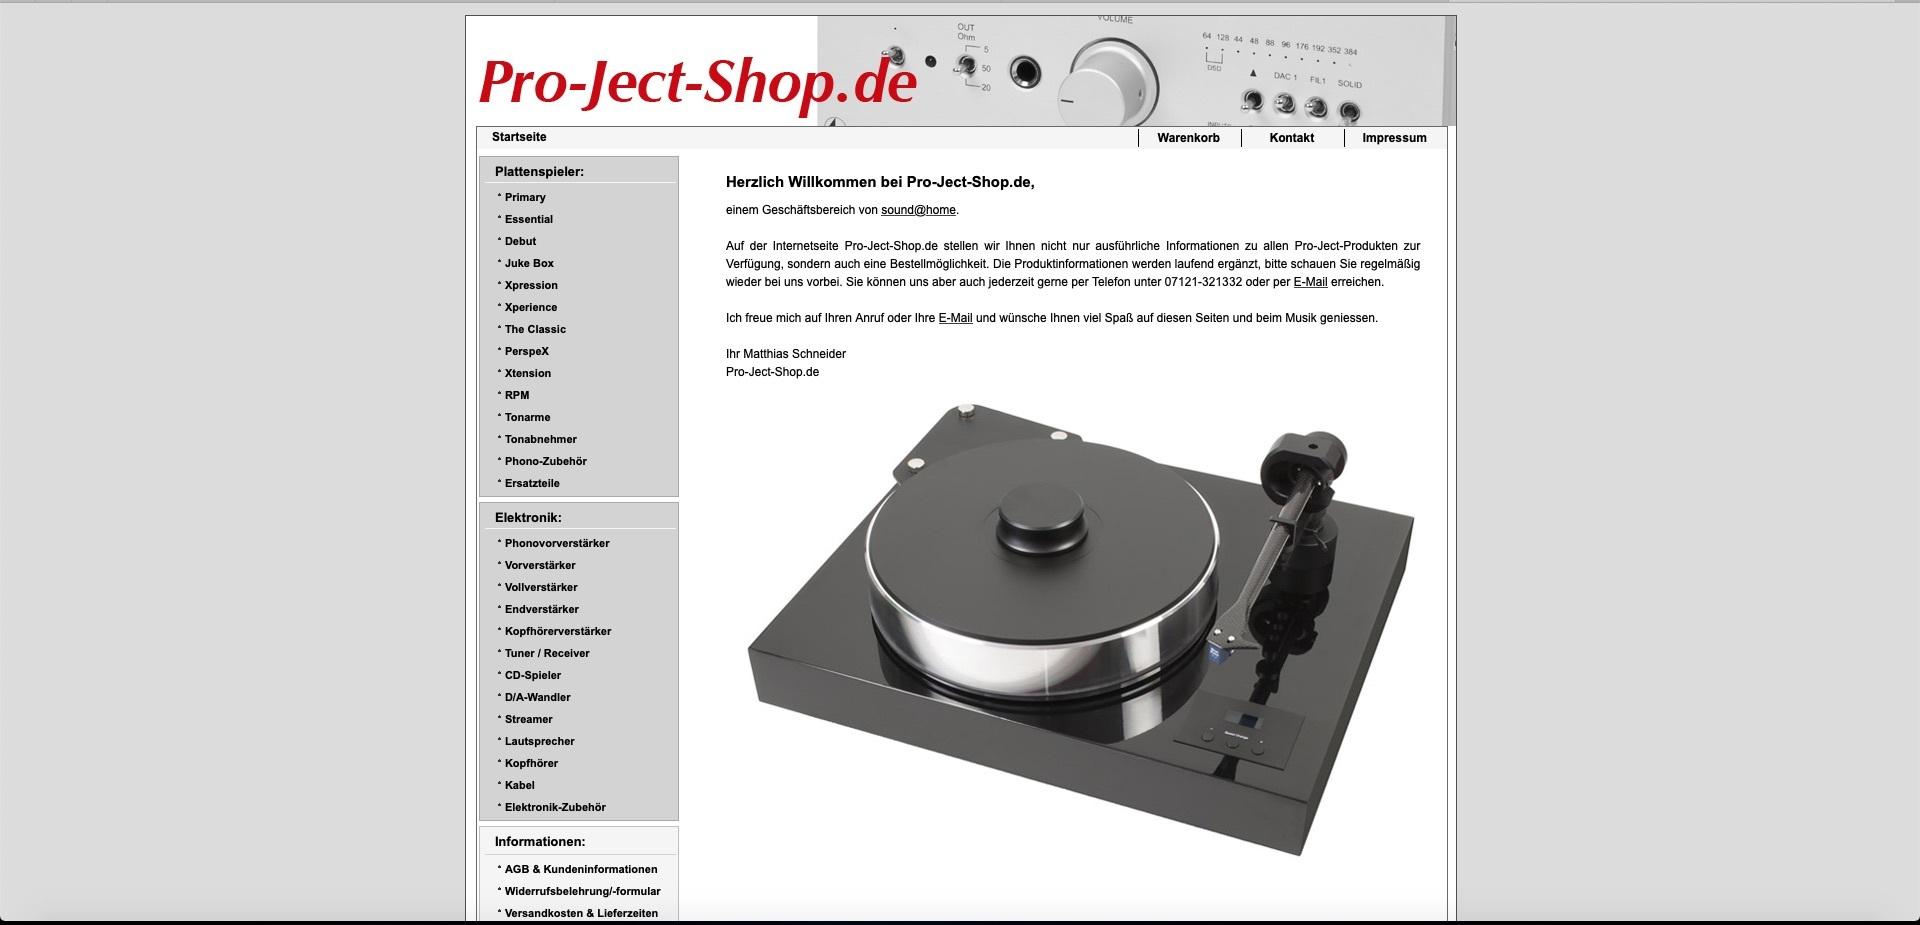 Bildschirmfoto von Pro-Ject-Shop